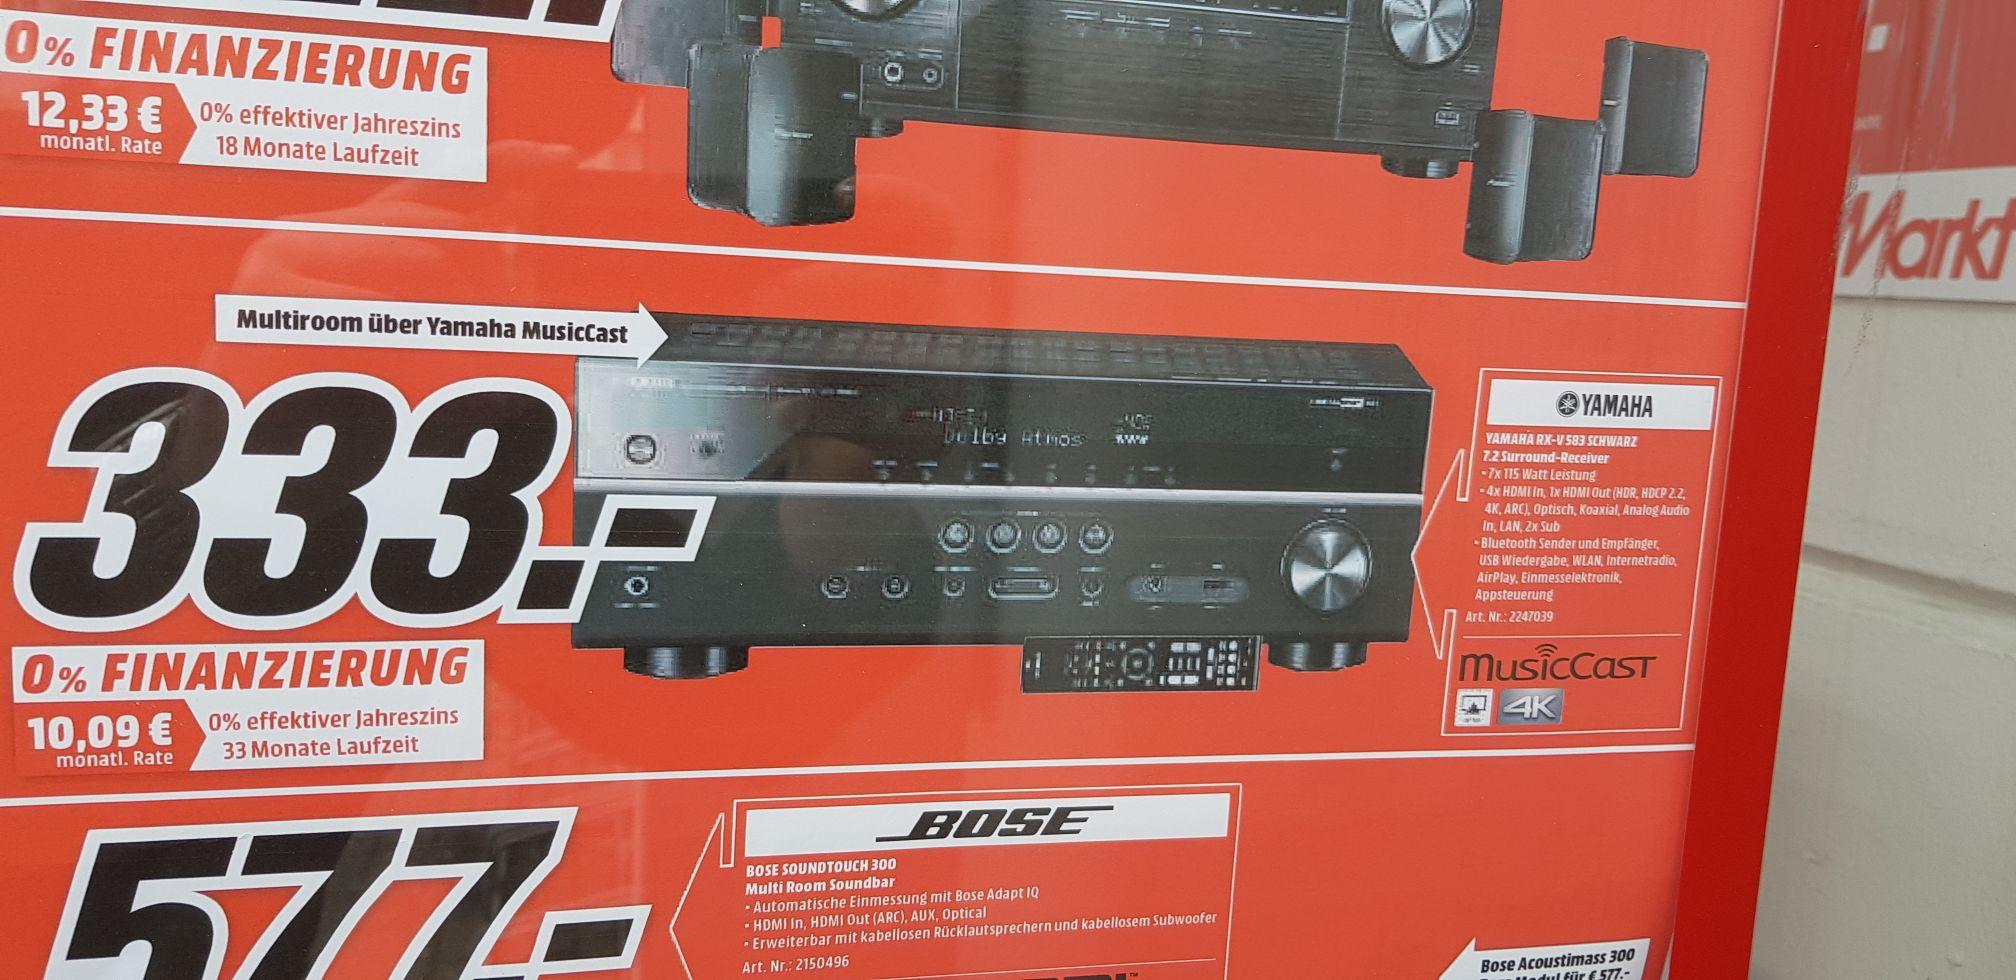 [Lokal Media Markt Belm] Yamaha RX V  (RXV, RXV583, RX V) 583 7.2 Surround Receiver mit Multiroom über MusicCast